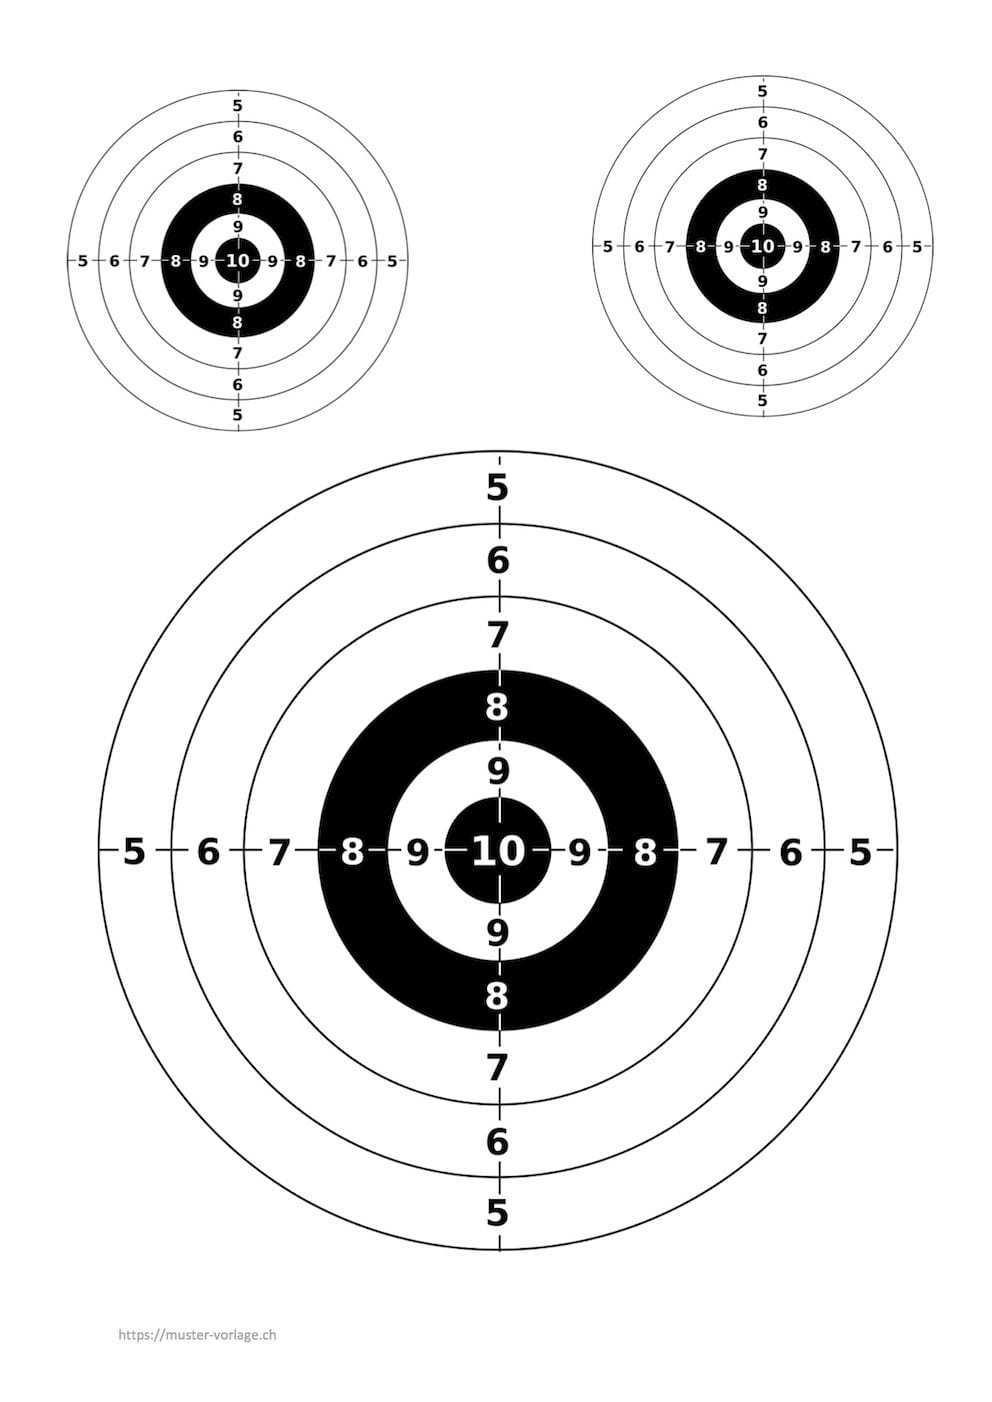 Zielscheibe Vorlage Zum Ausdrucken Muster Vorlage Ch